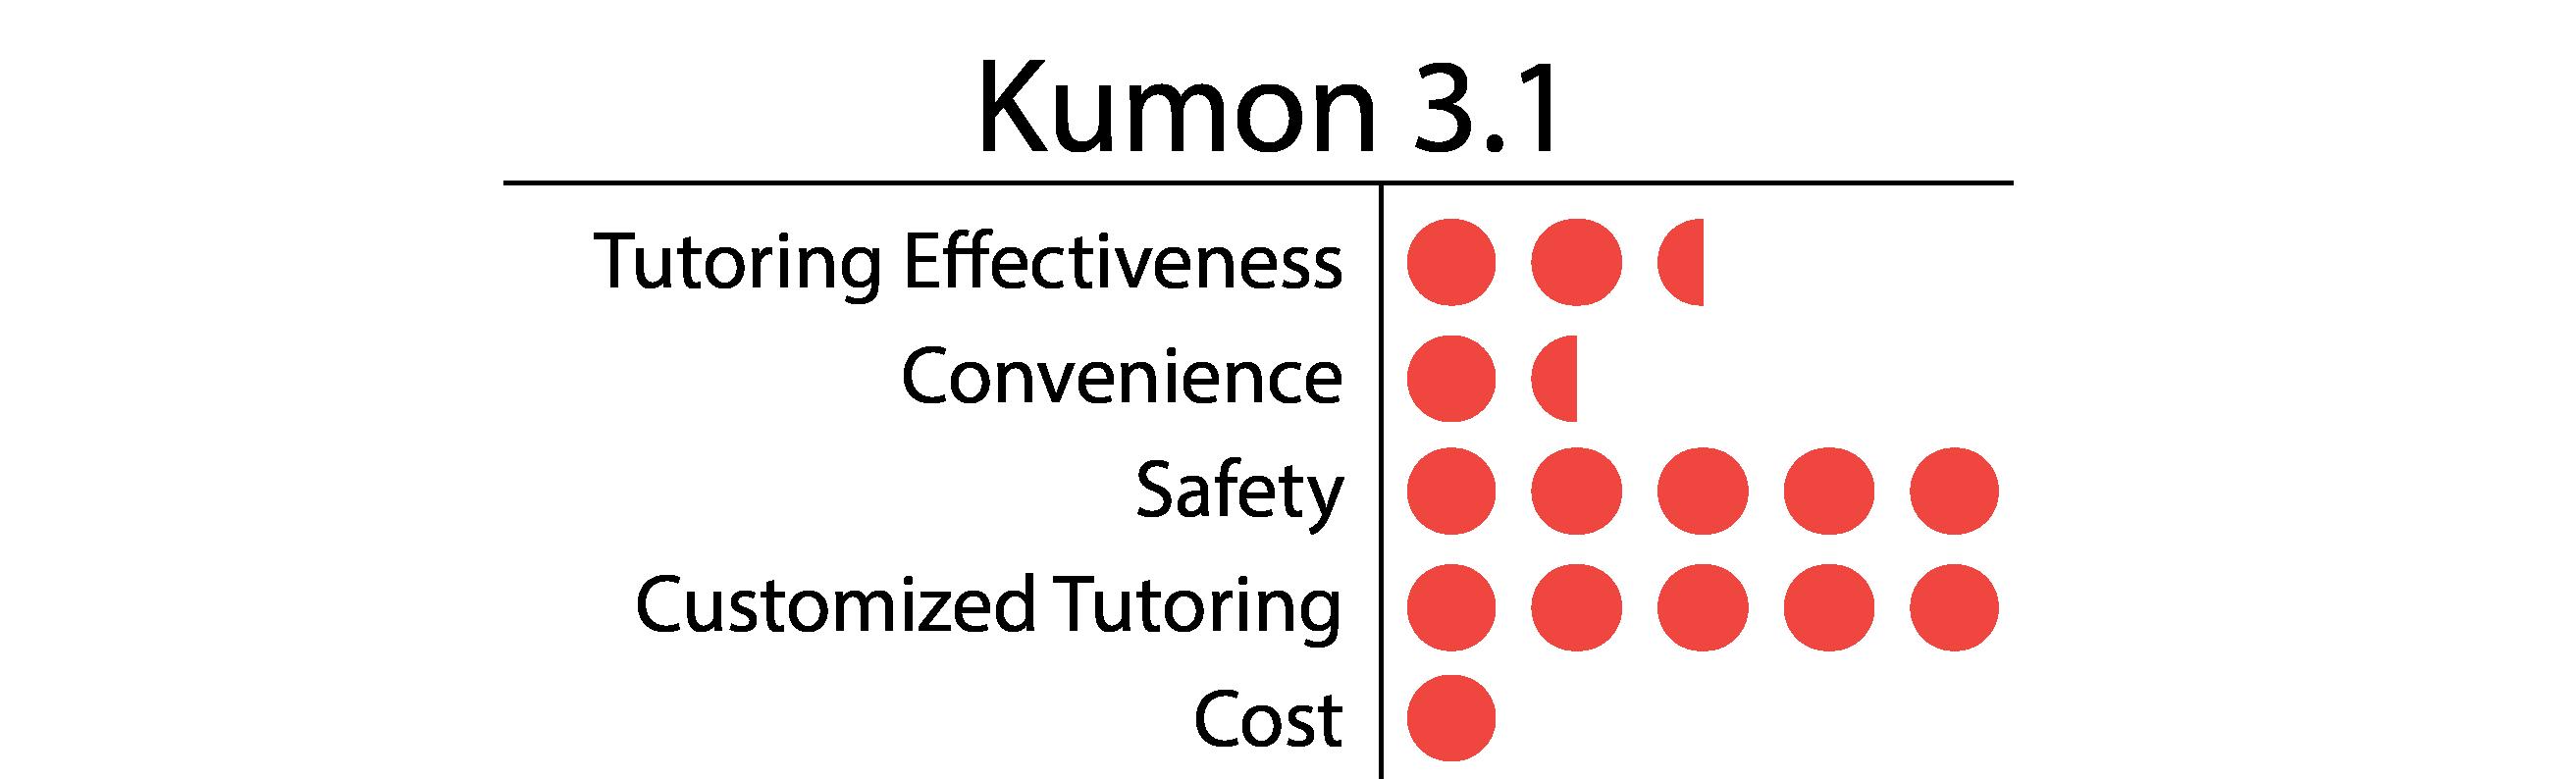 Kumon-01